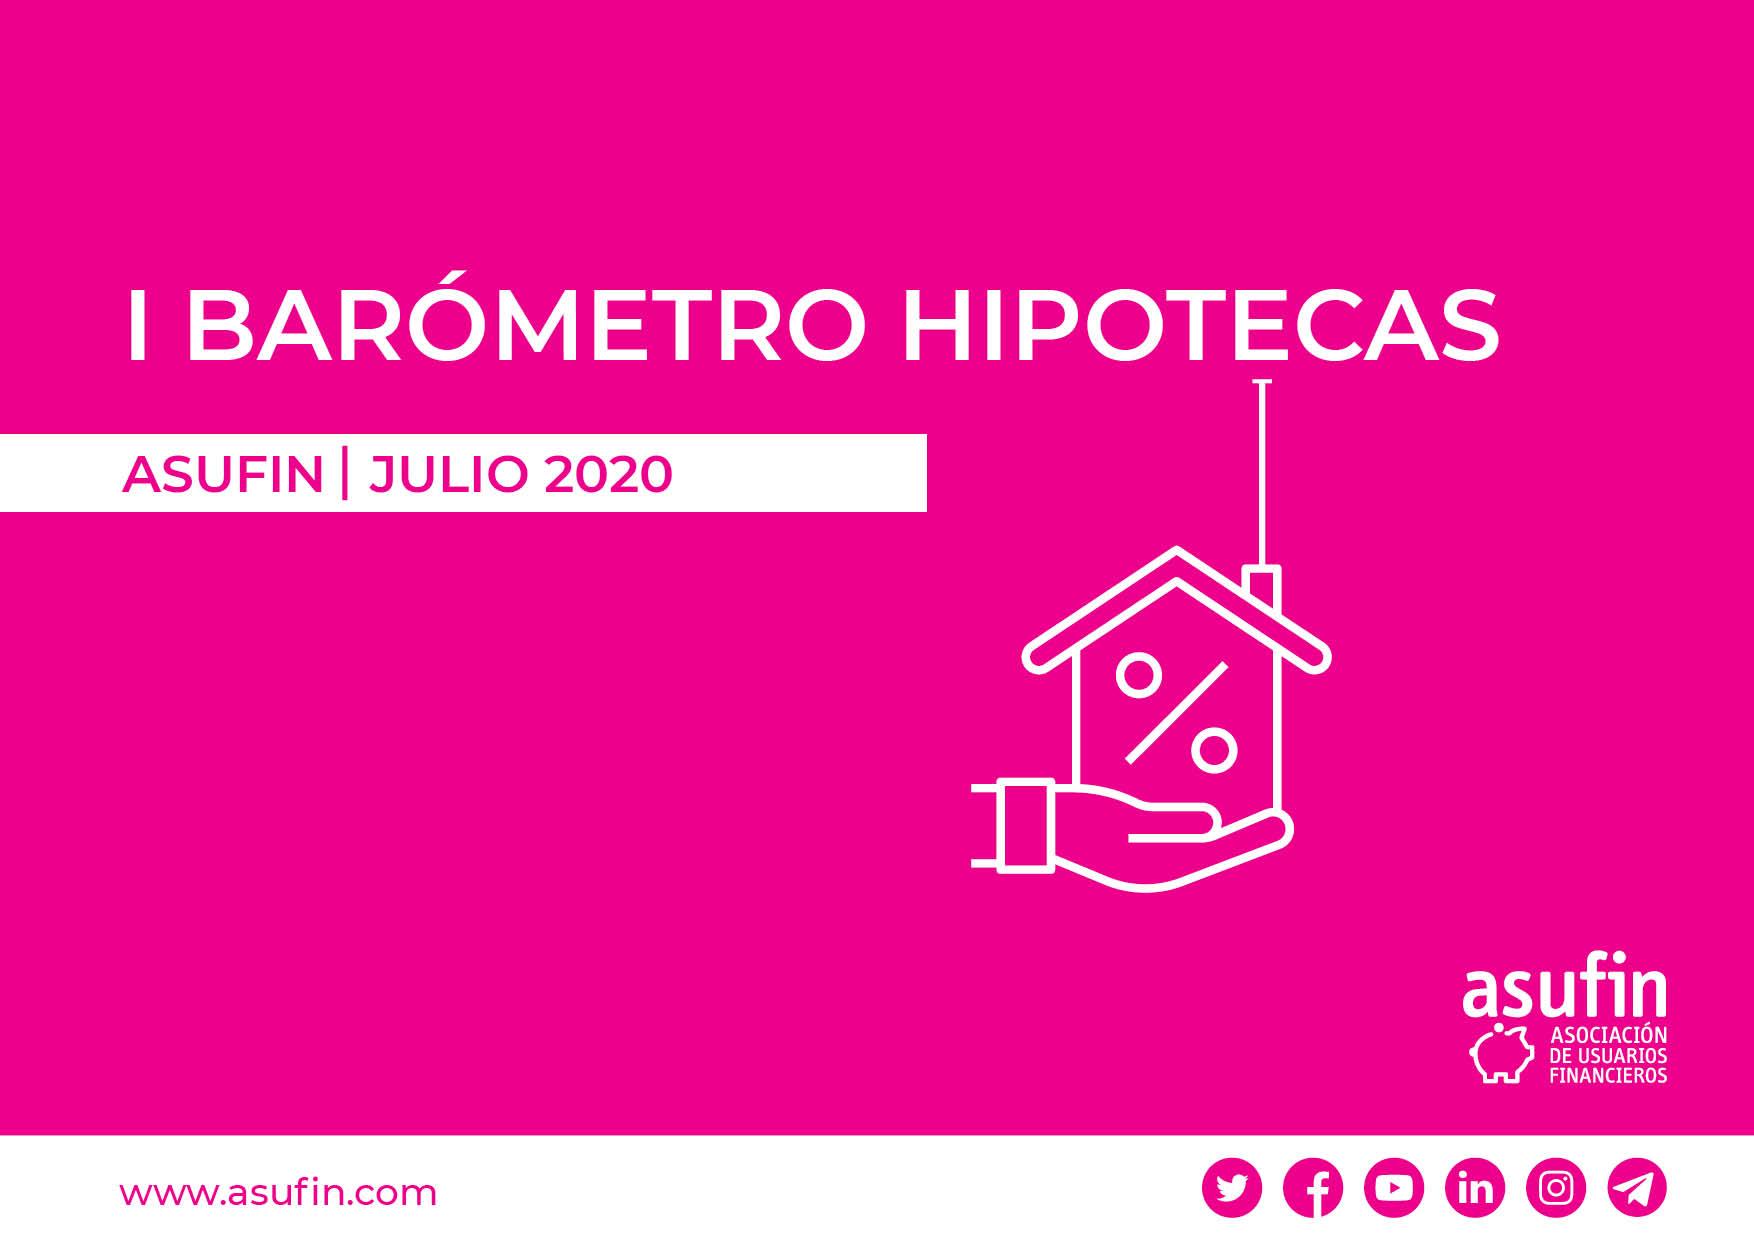 I BARÓMETRO ASUFIN DE HIPOTECAS: El 10% de los españoles renuncia a hipotecarse